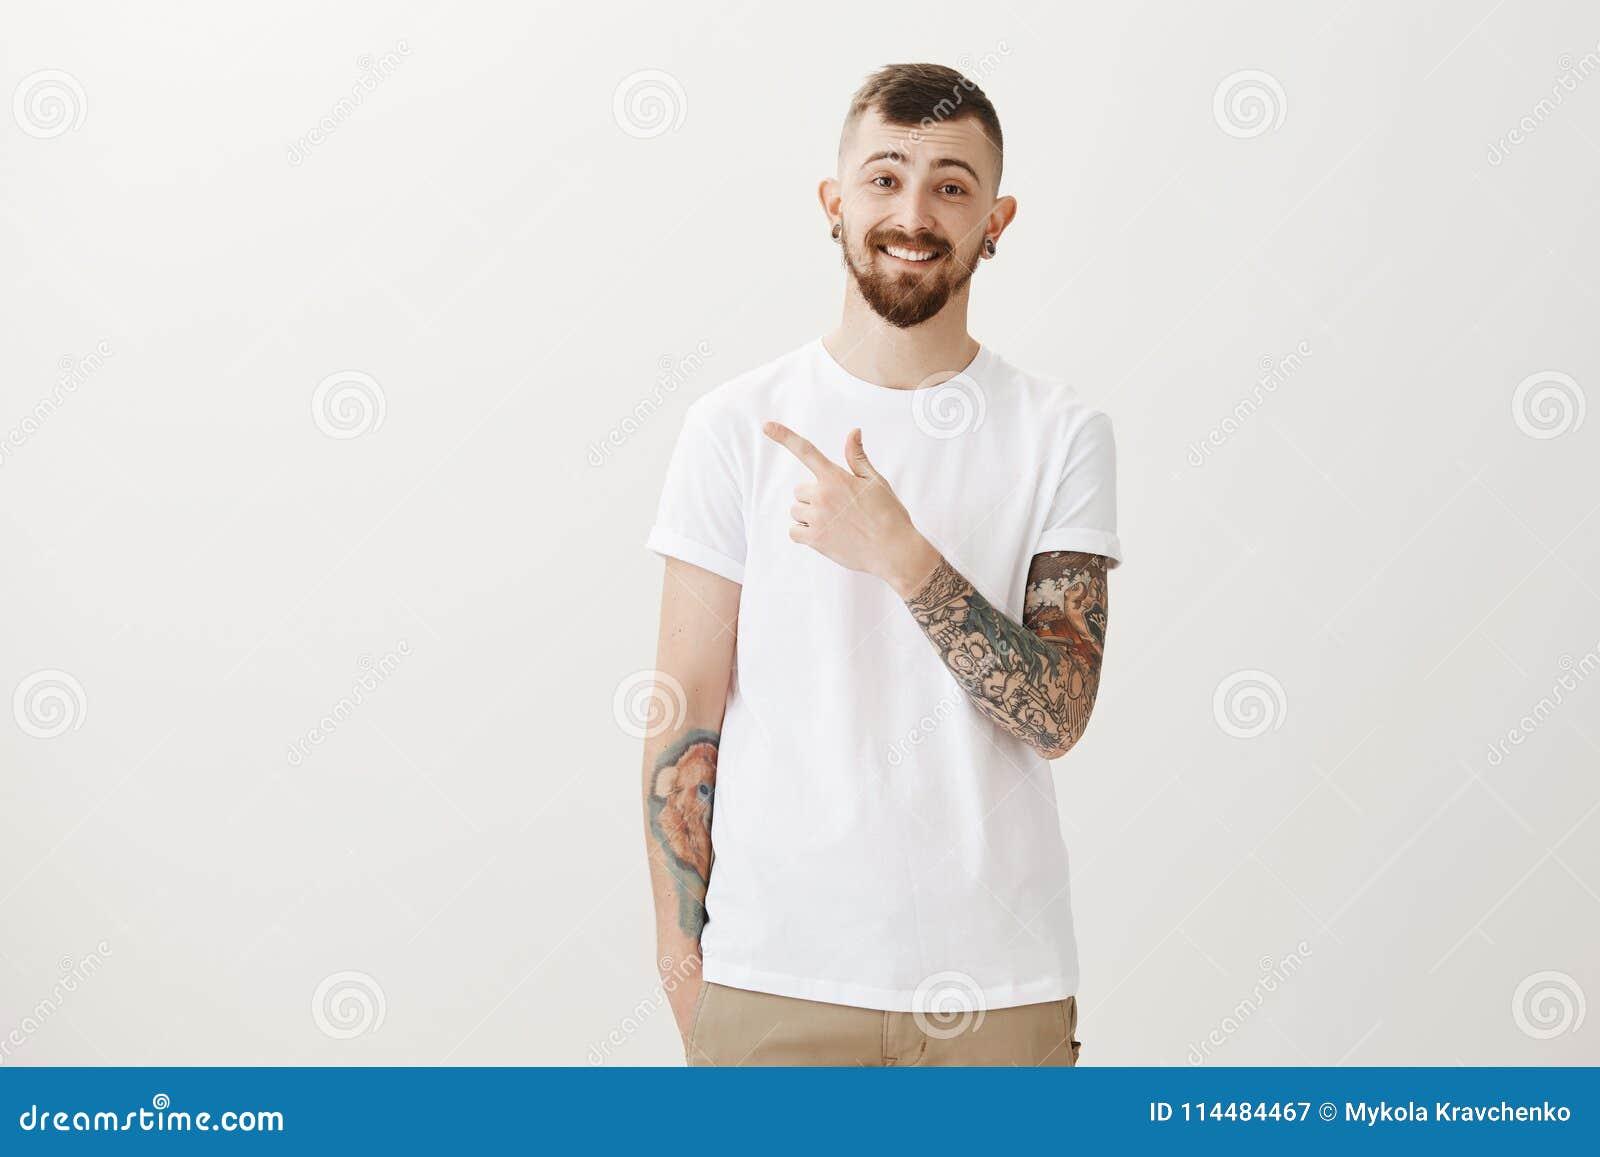 Παχουλός έφηβοι γυμνές φωτογραφίες